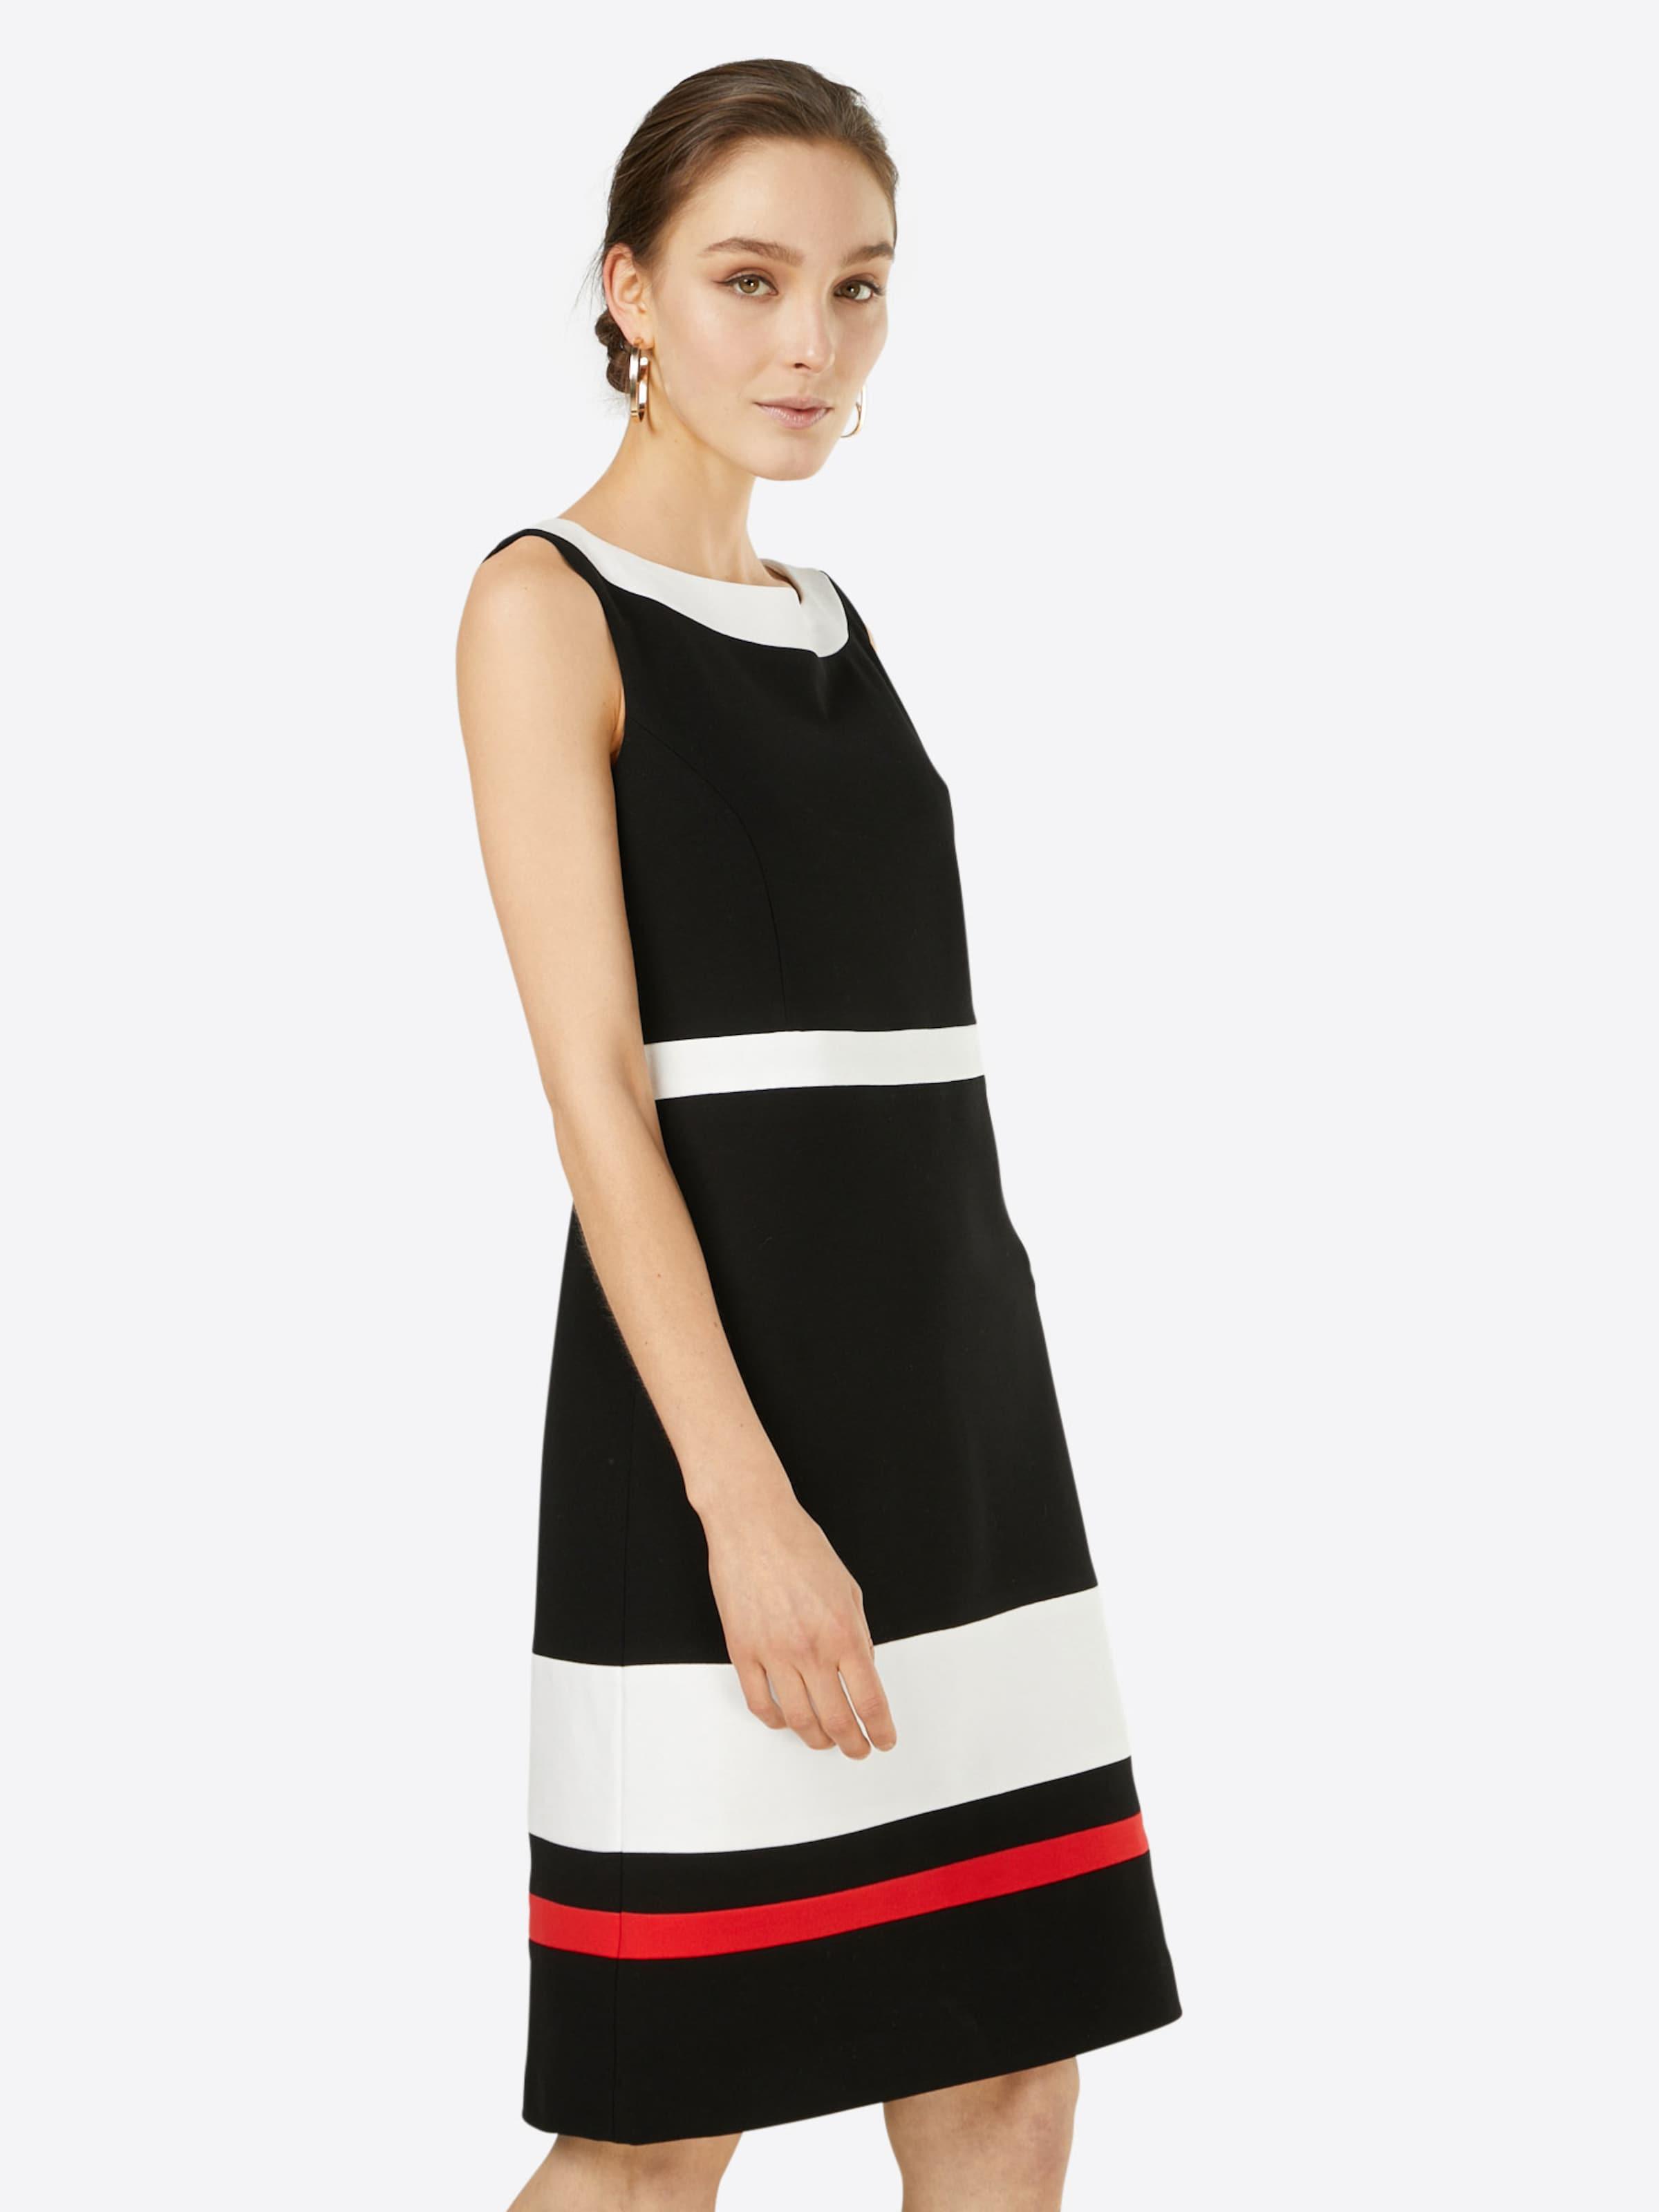 COMMA Kleid in Midilänge Auftrag Spielraum Wahl Günstig Kaufen Offizielle Seite Spielraum-Shop Online Speichern hYP8rqTtc